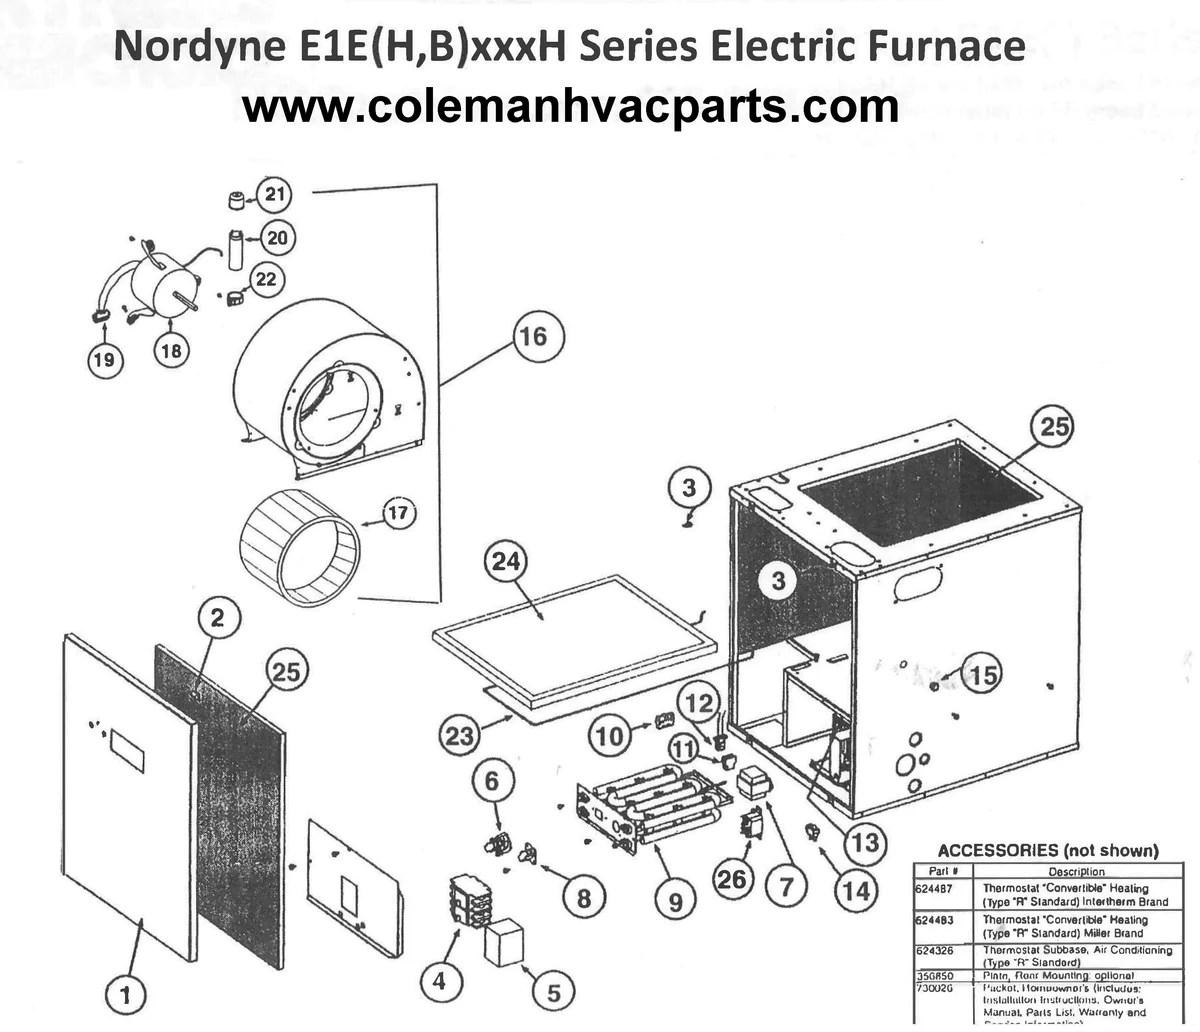 intertherm mobile home furnace parts diagram 5 15 fuss atelier de u2022intertherm 9 [ 1199 x 1032 Pixel ]